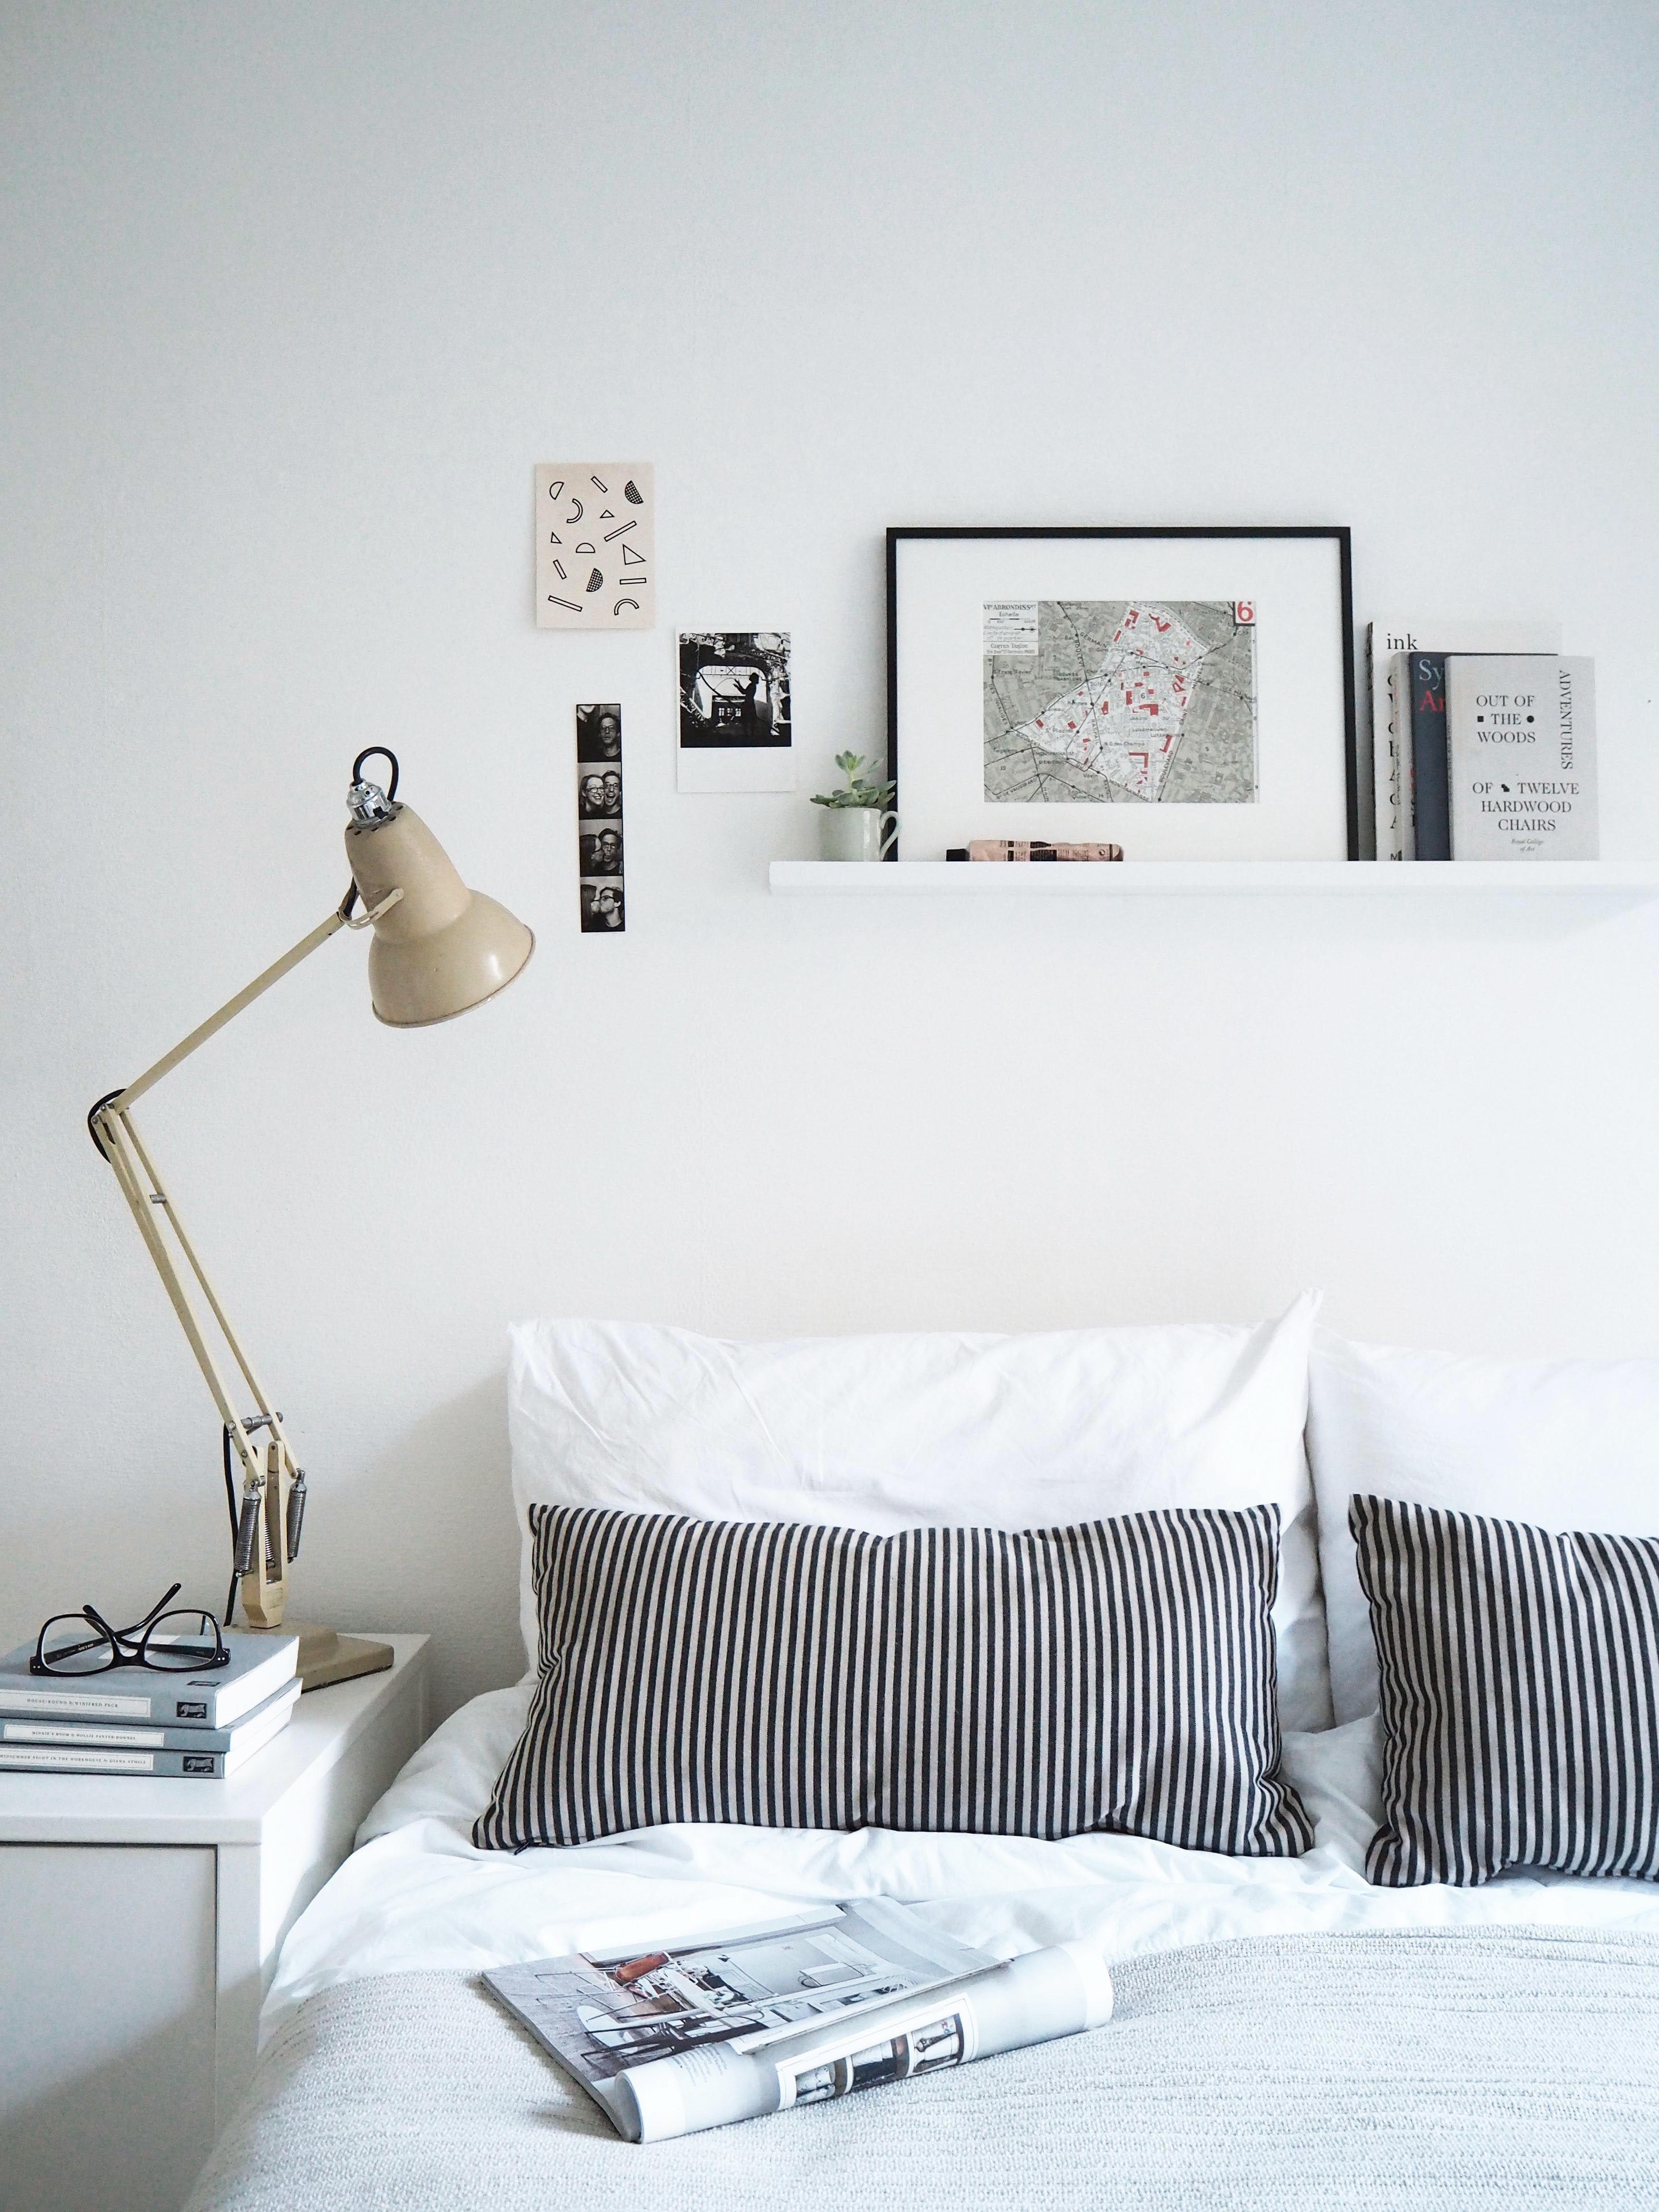 home tips styling a picture ledge bedroomideas minimalistische slaapkamer minimalistische decoratie slaapkamer